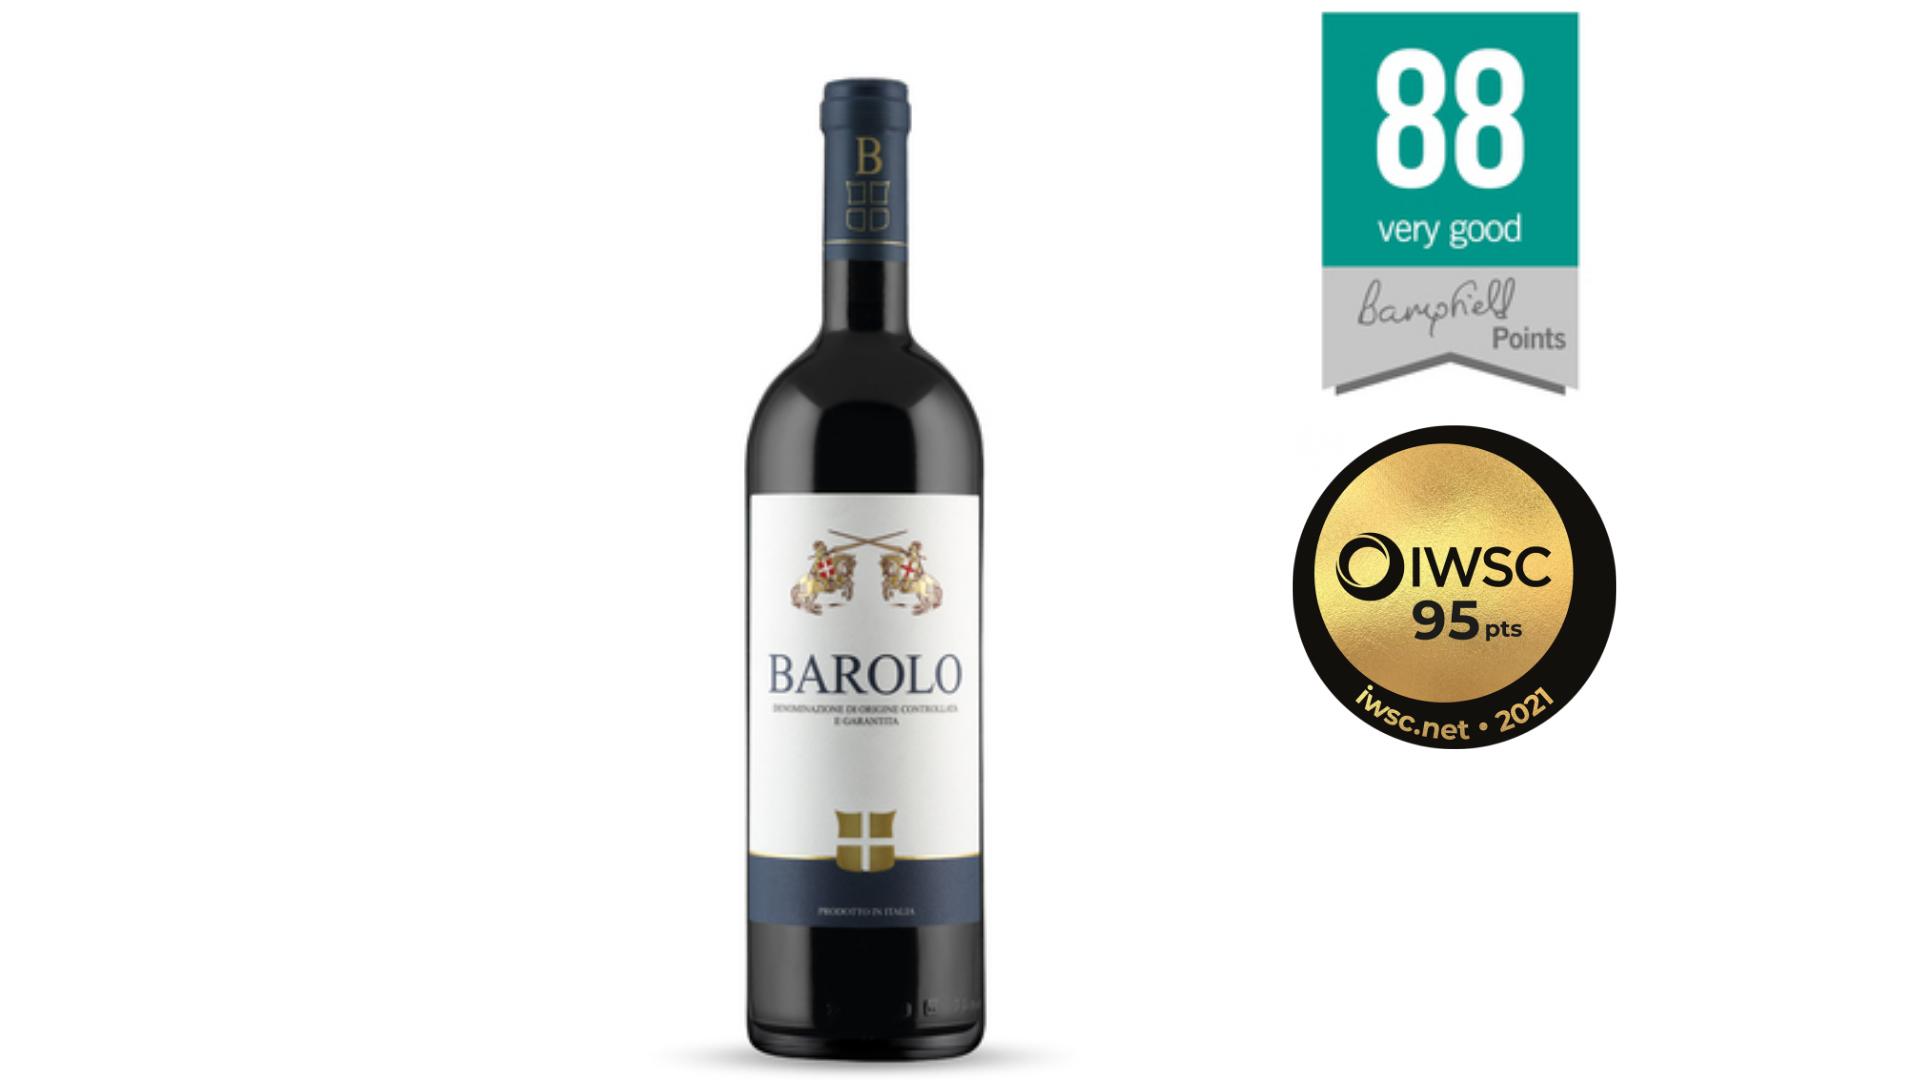 une bouteille de vin Barolo lidl